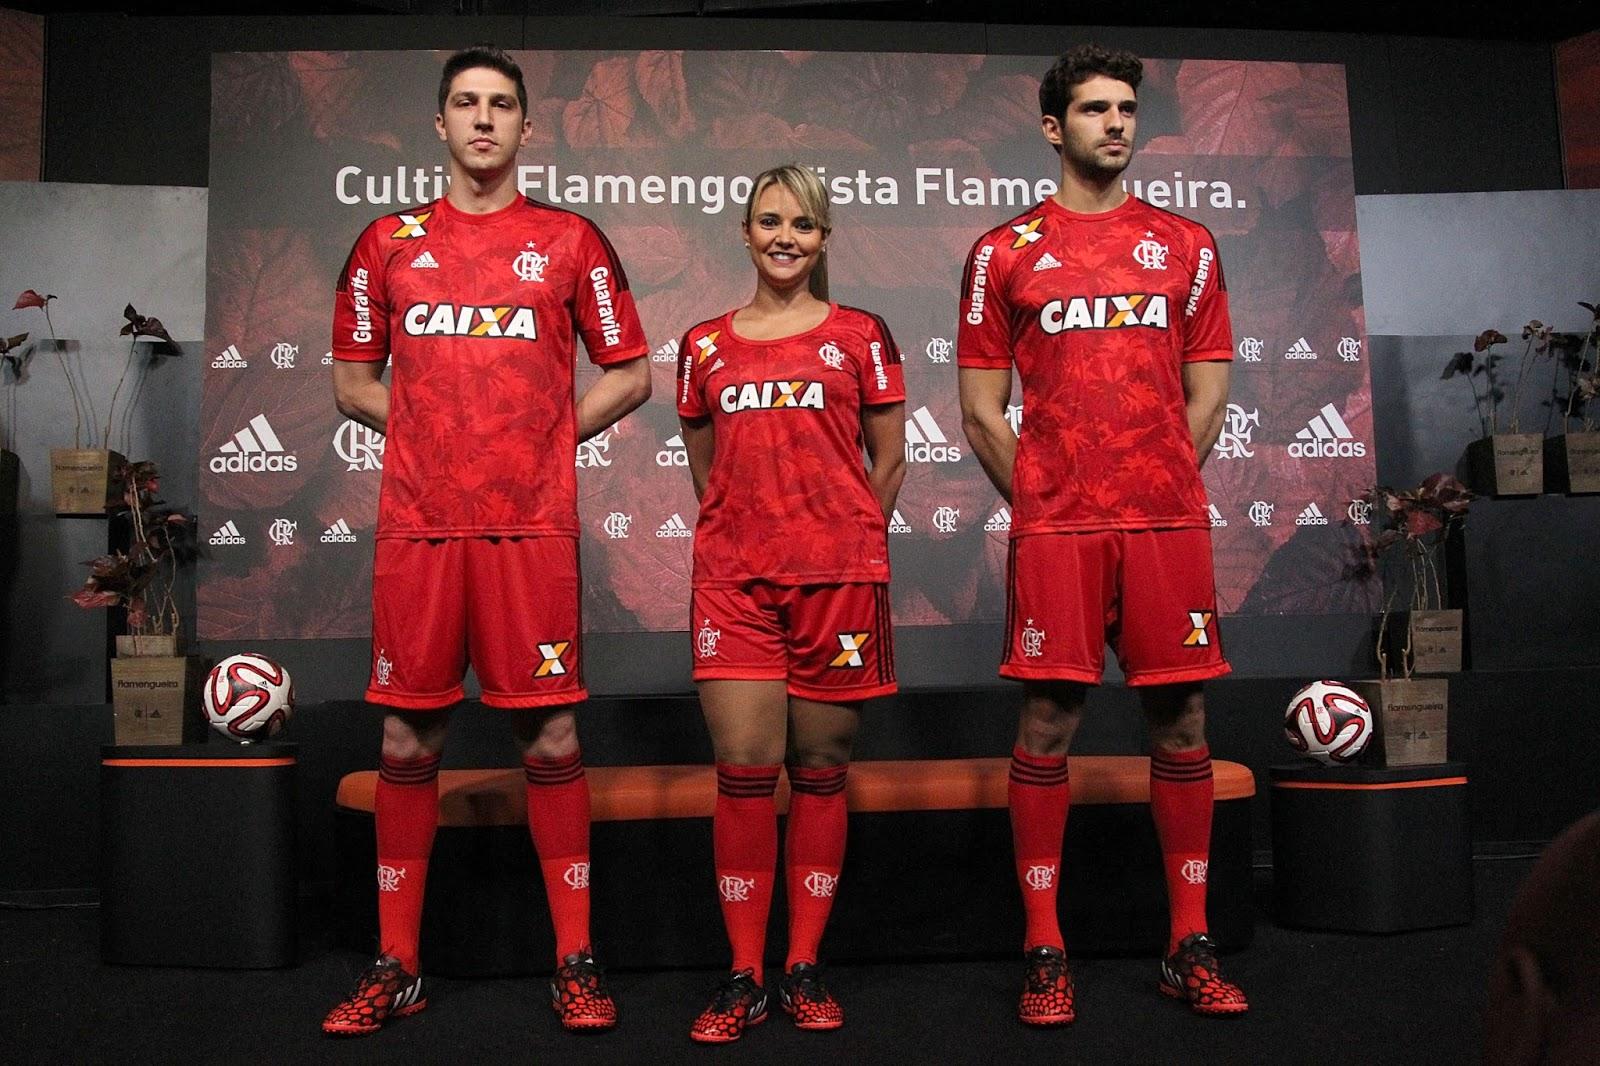 Flamengo e Adidas lançam terceira camisa com estampa em homenagem à flora  brasileira